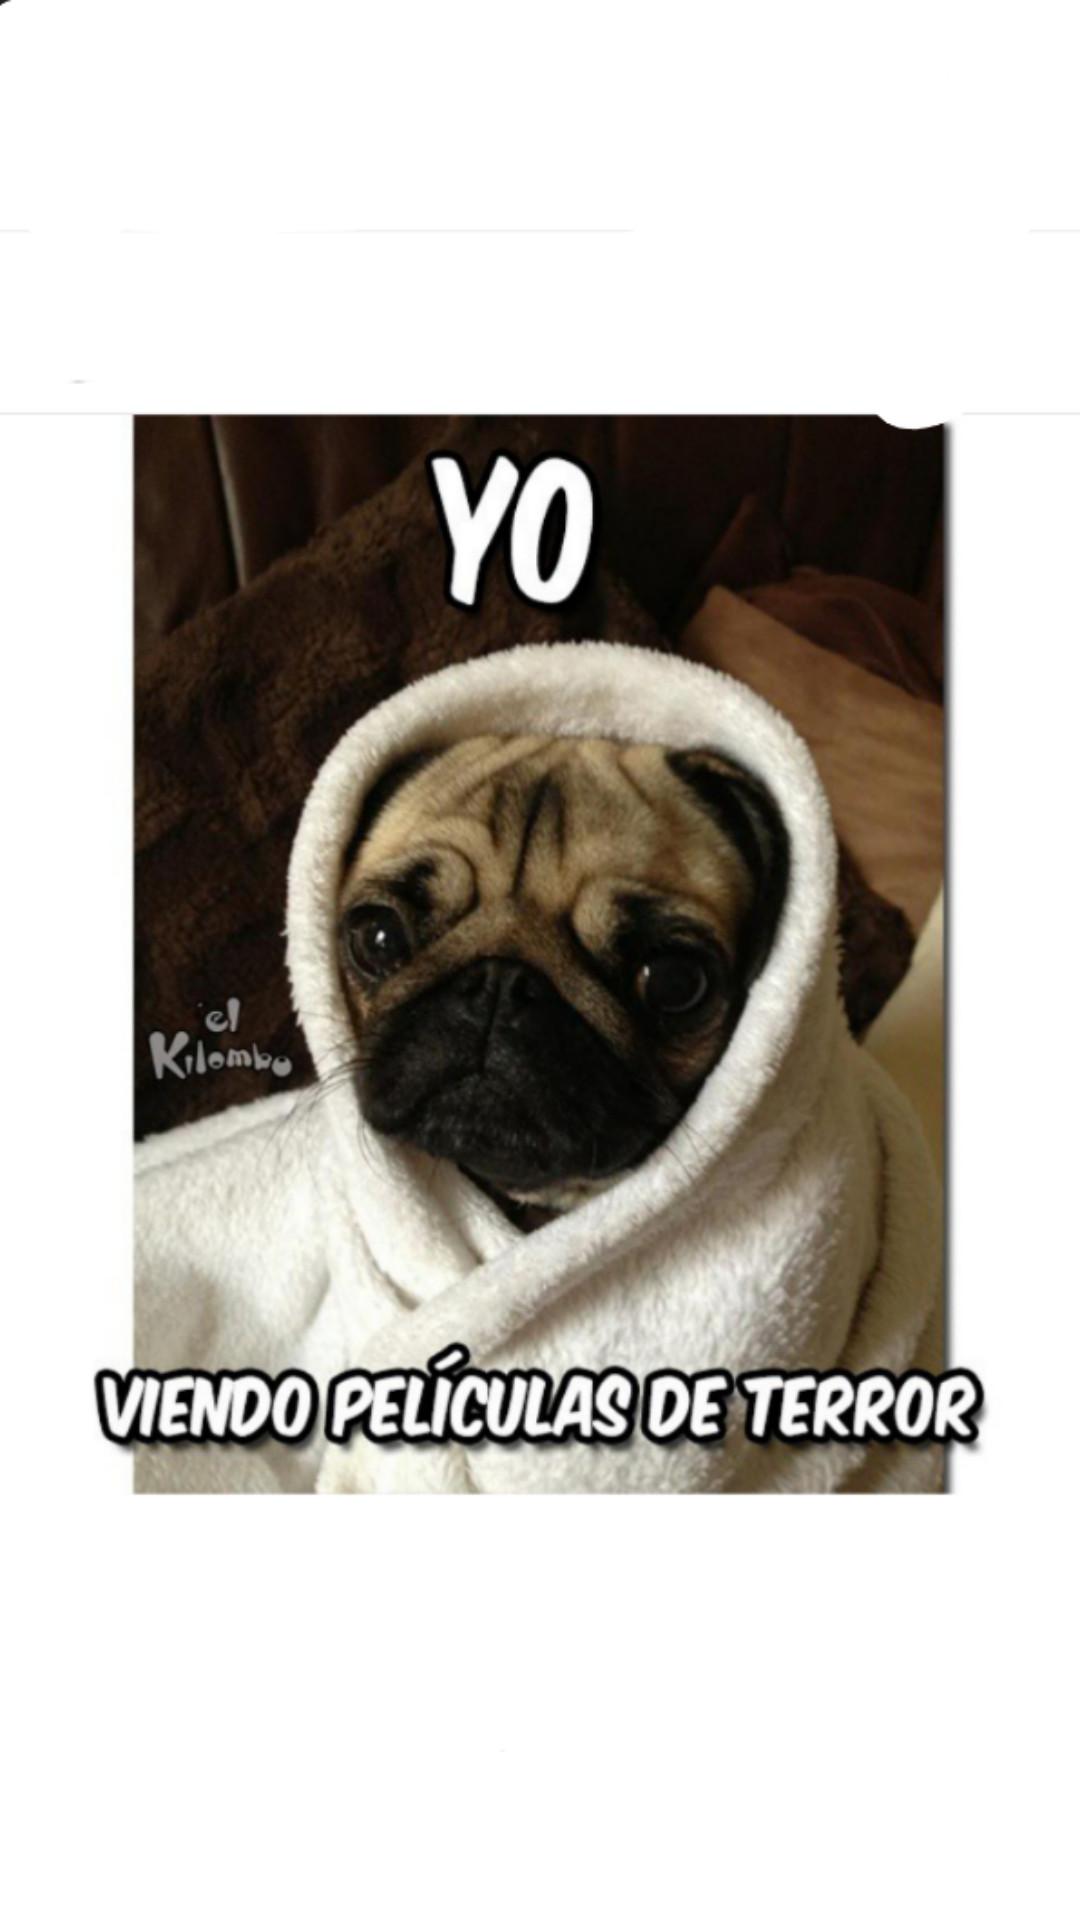 Terror - meme